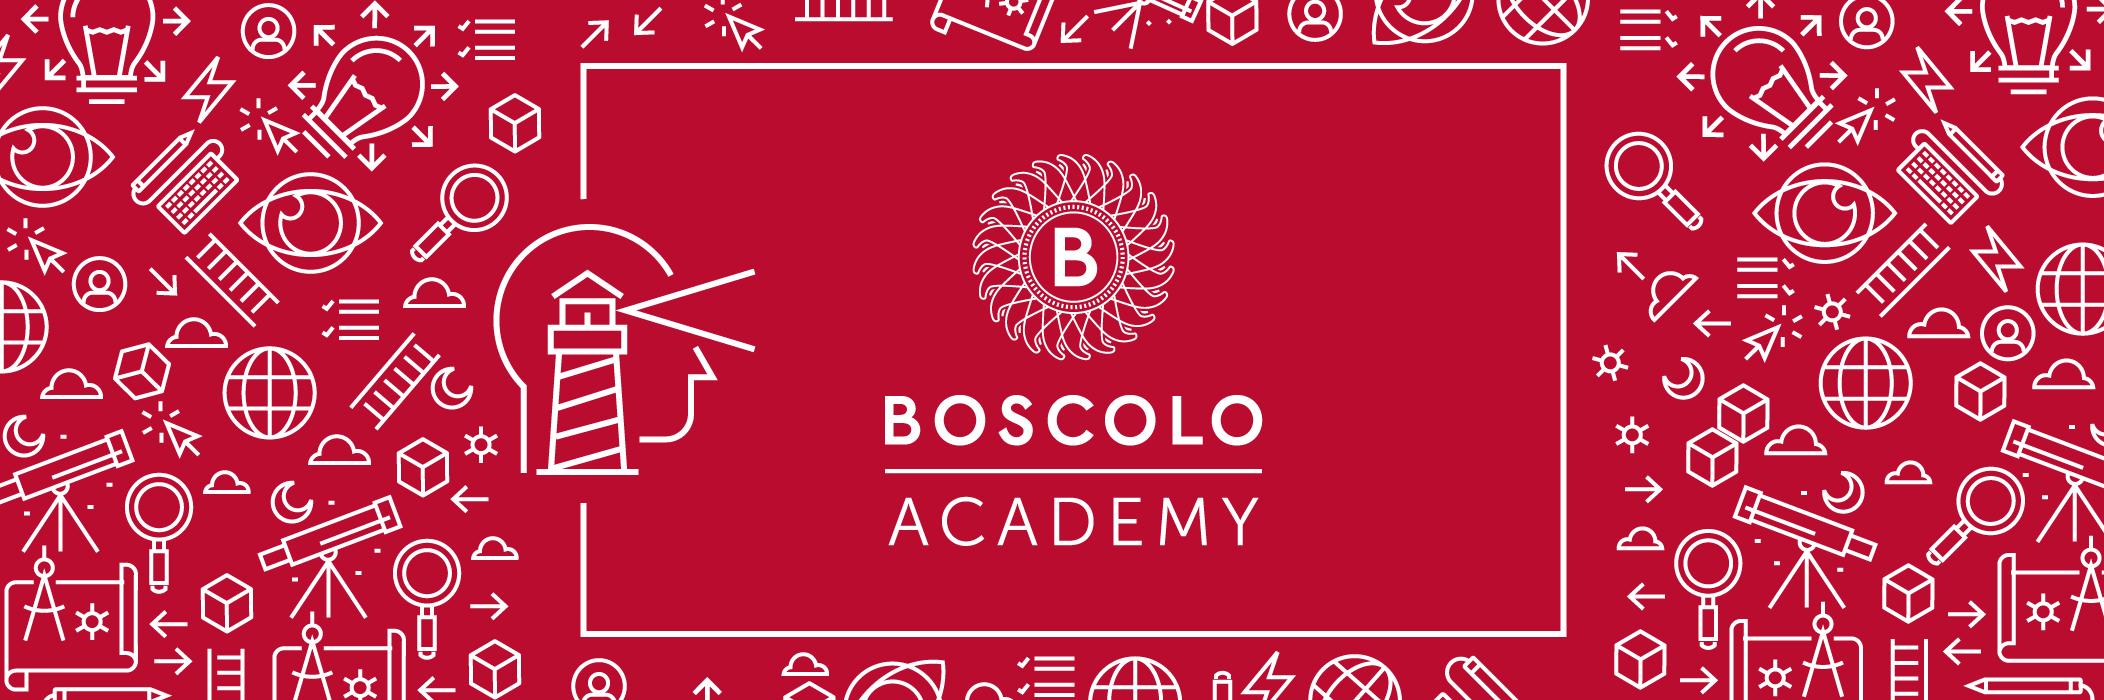 Boscolo Academy - Module Hero Img